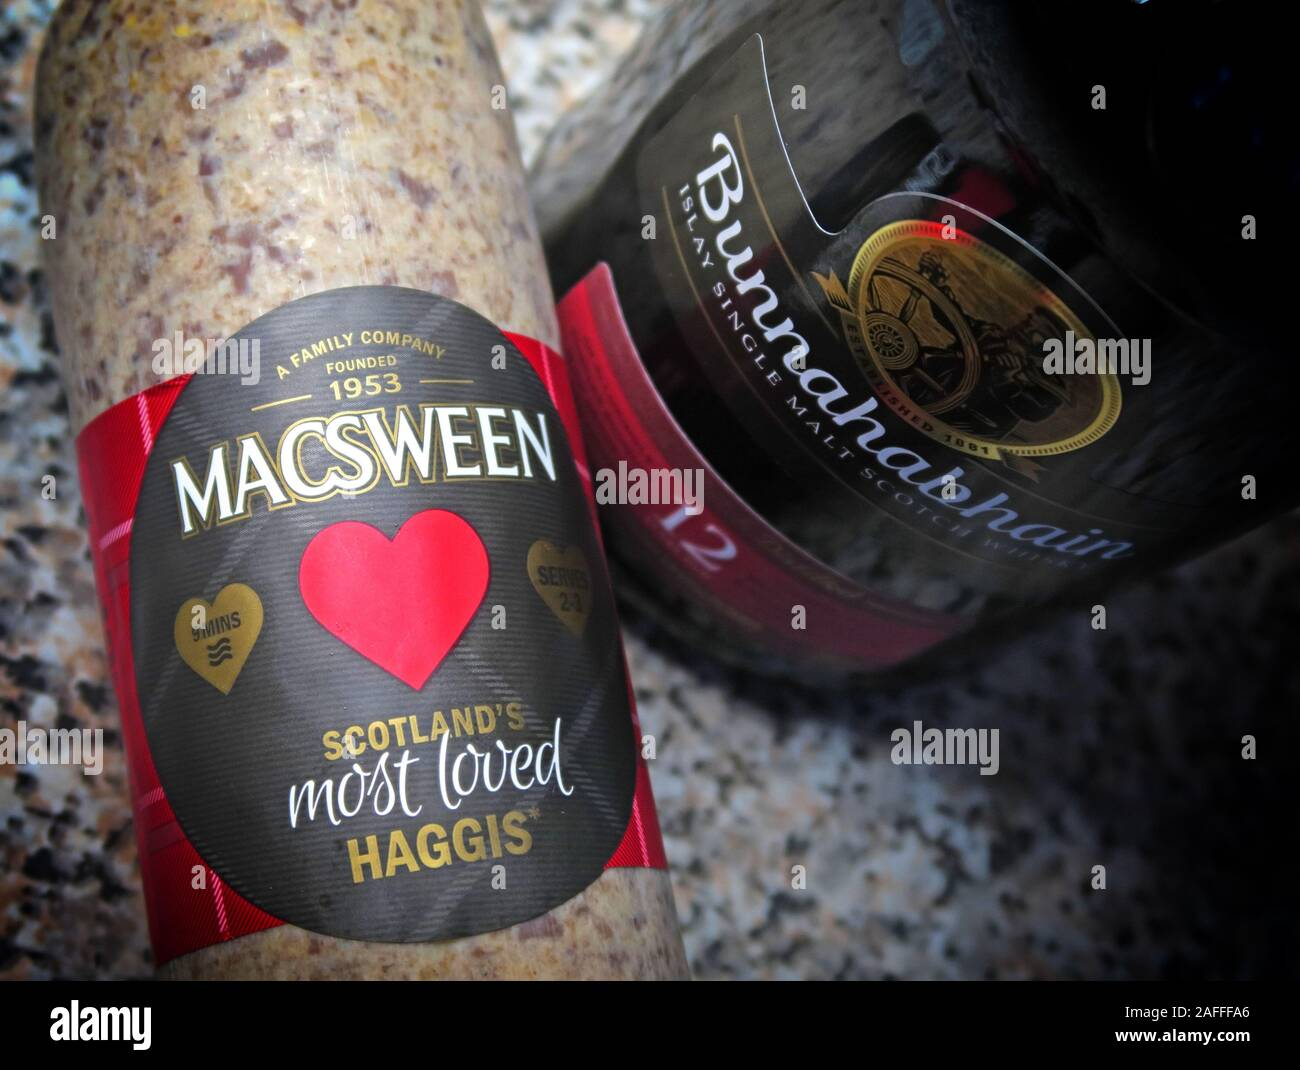 Dieses Stockfoto: Sehr schottischer MacSween Haggis und Bunnahabhain Malz Whisky, für Rabbie Burns Nacht, 25. Januar - 2AFFFA